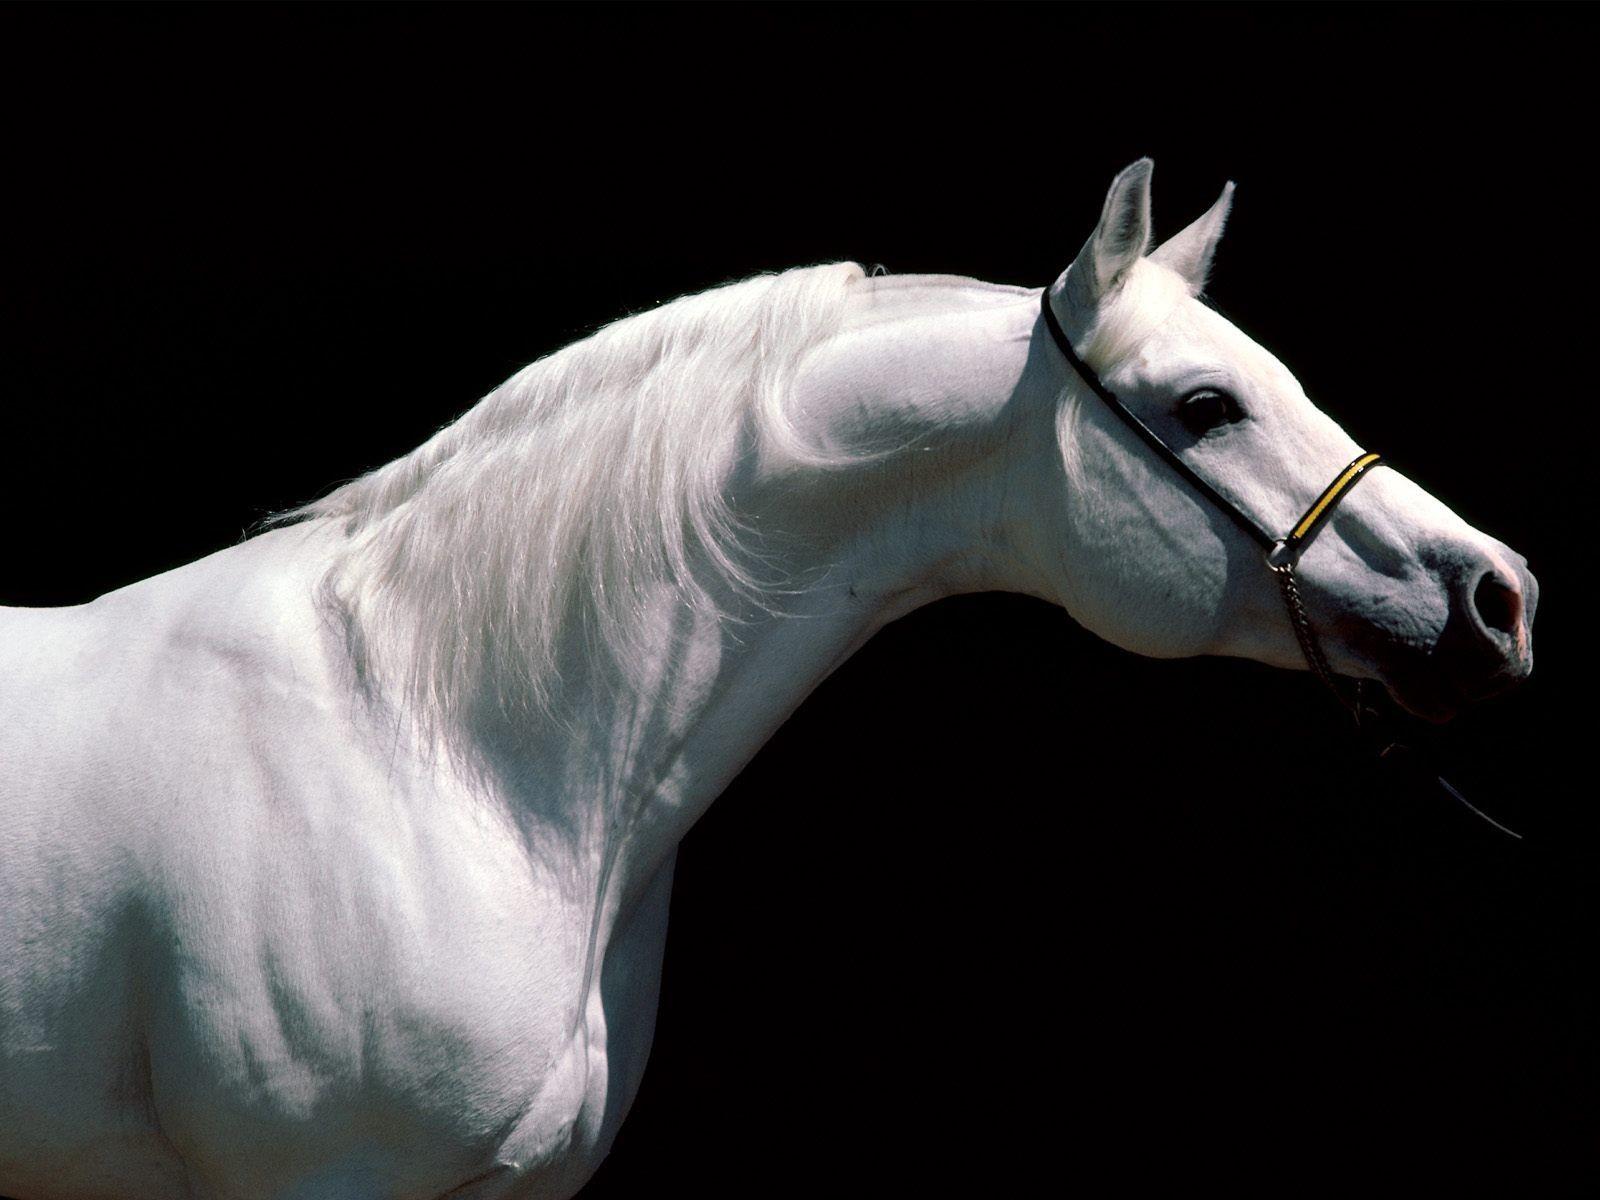 Фото лошади, лошадь, конь, обом для рабочего стола